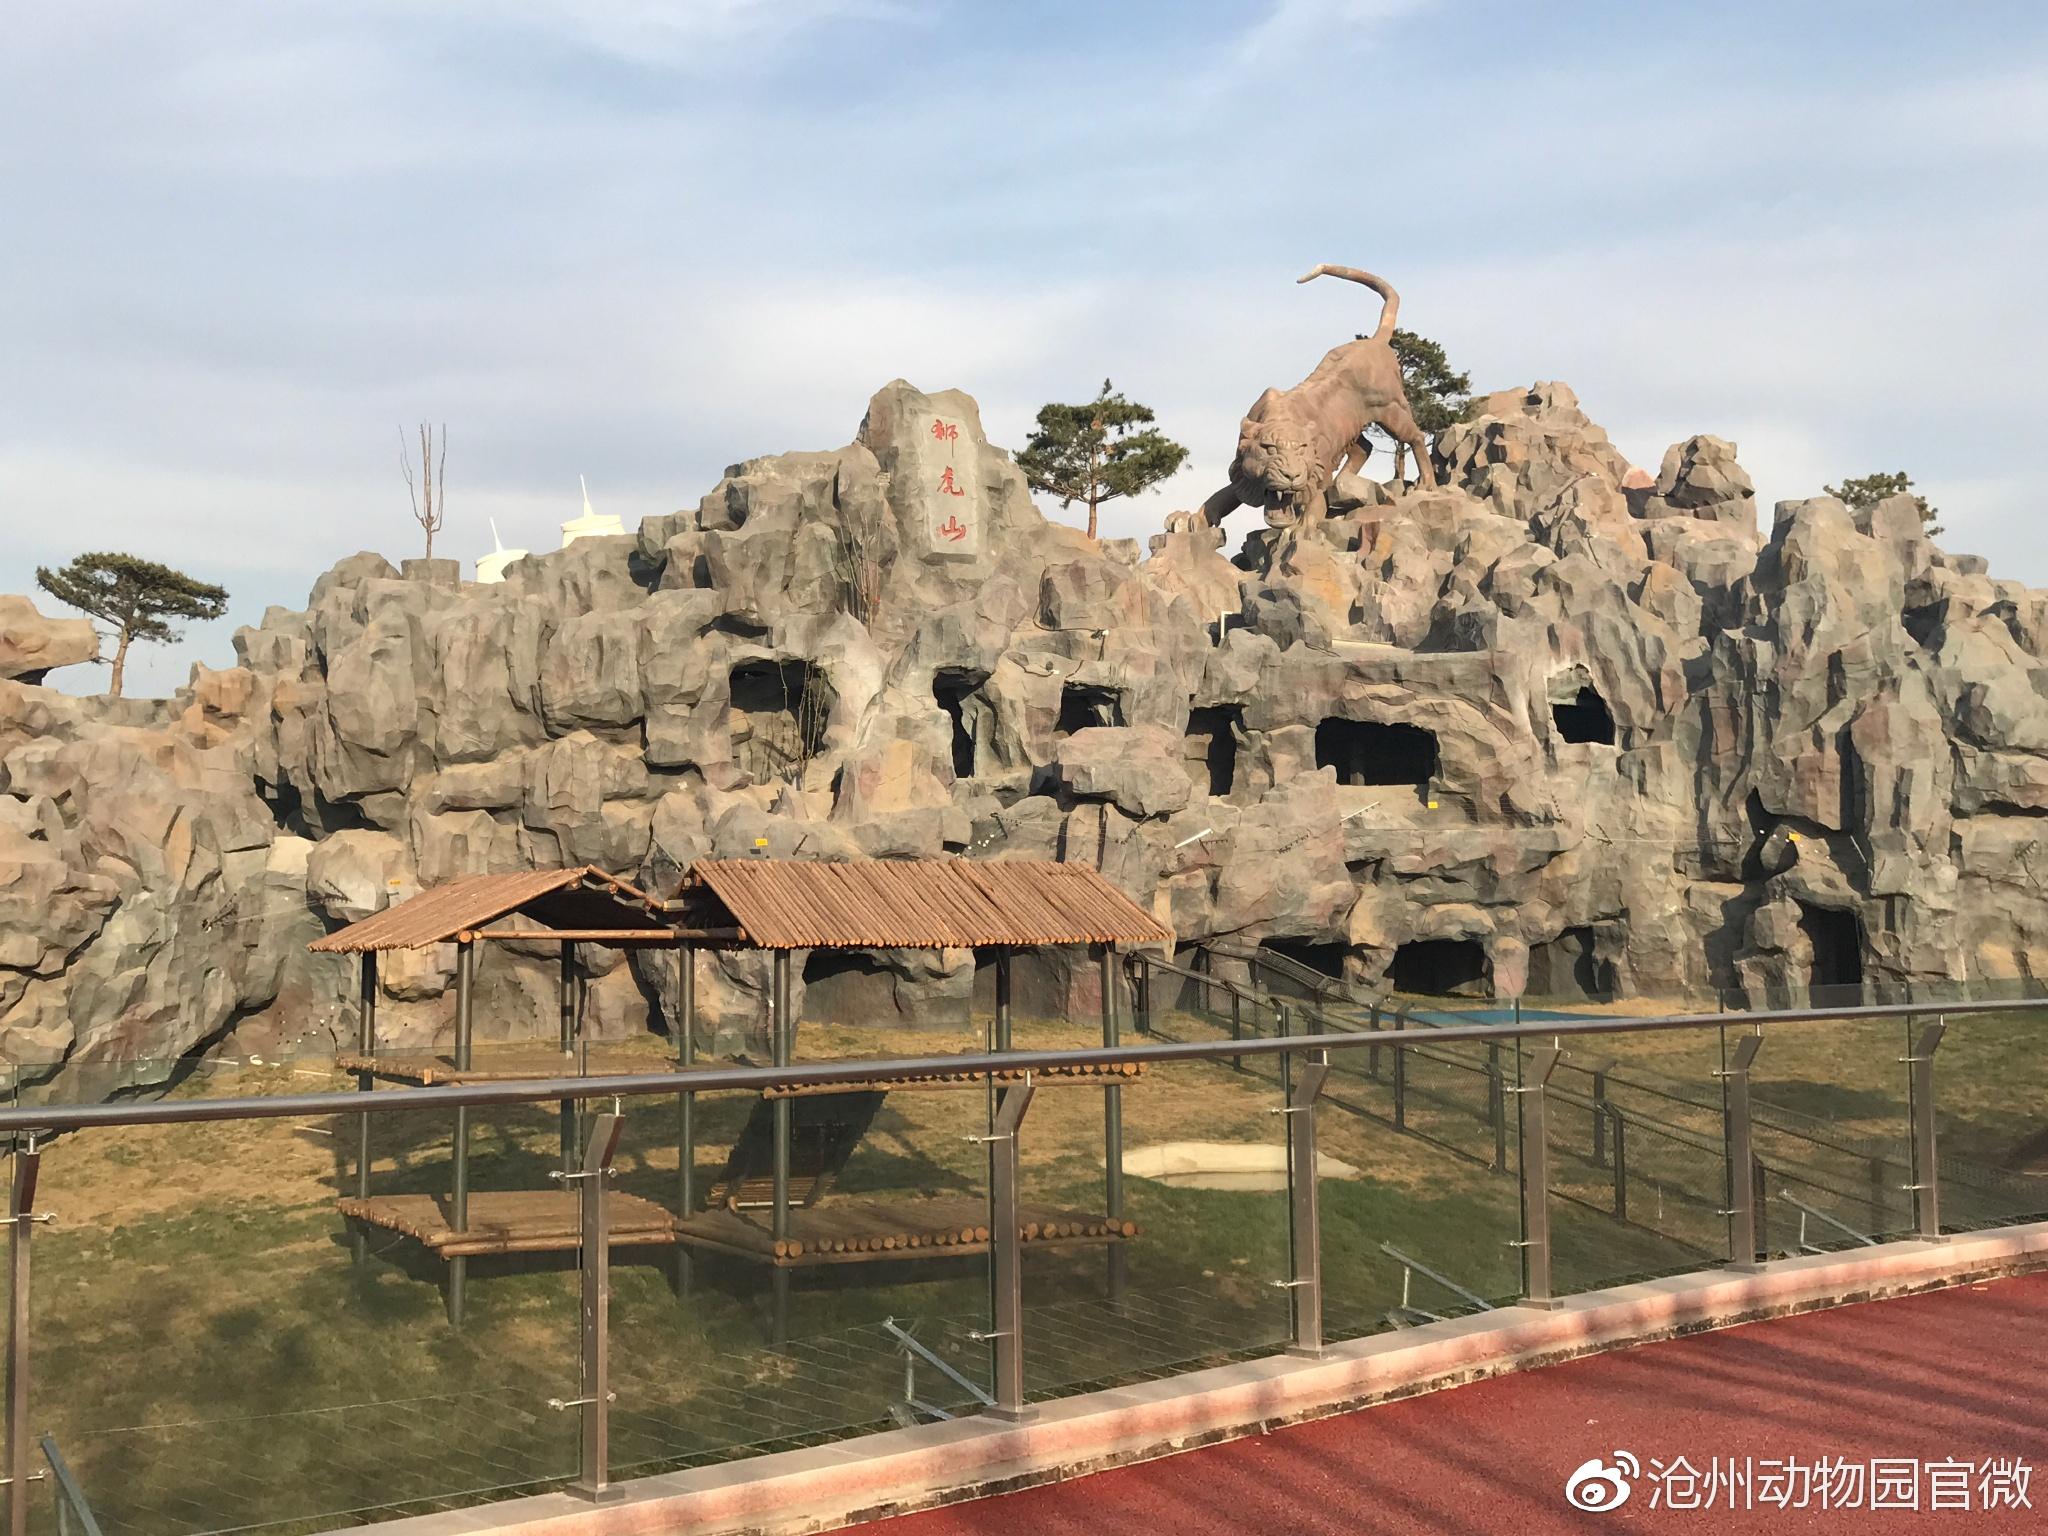 沧州动物园游乐场价格【通知】网传动物园票价60元为不实消息,我园暂